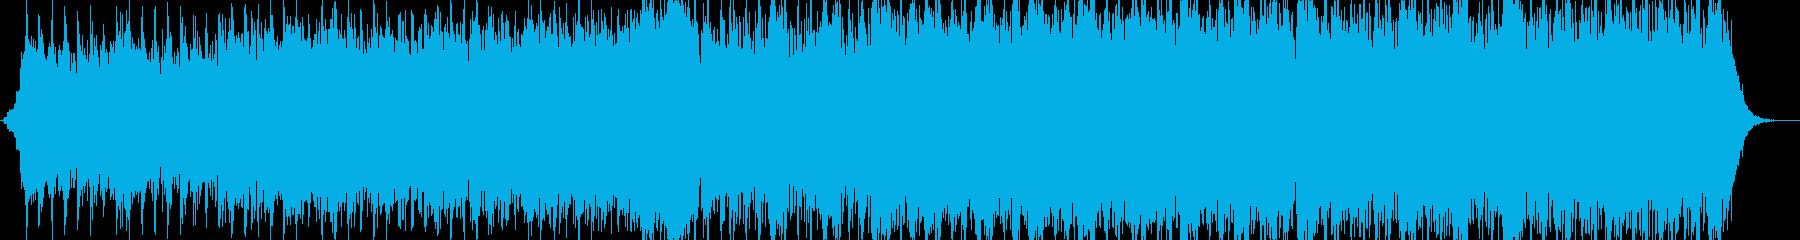 映画の予告編の再生済みの波形